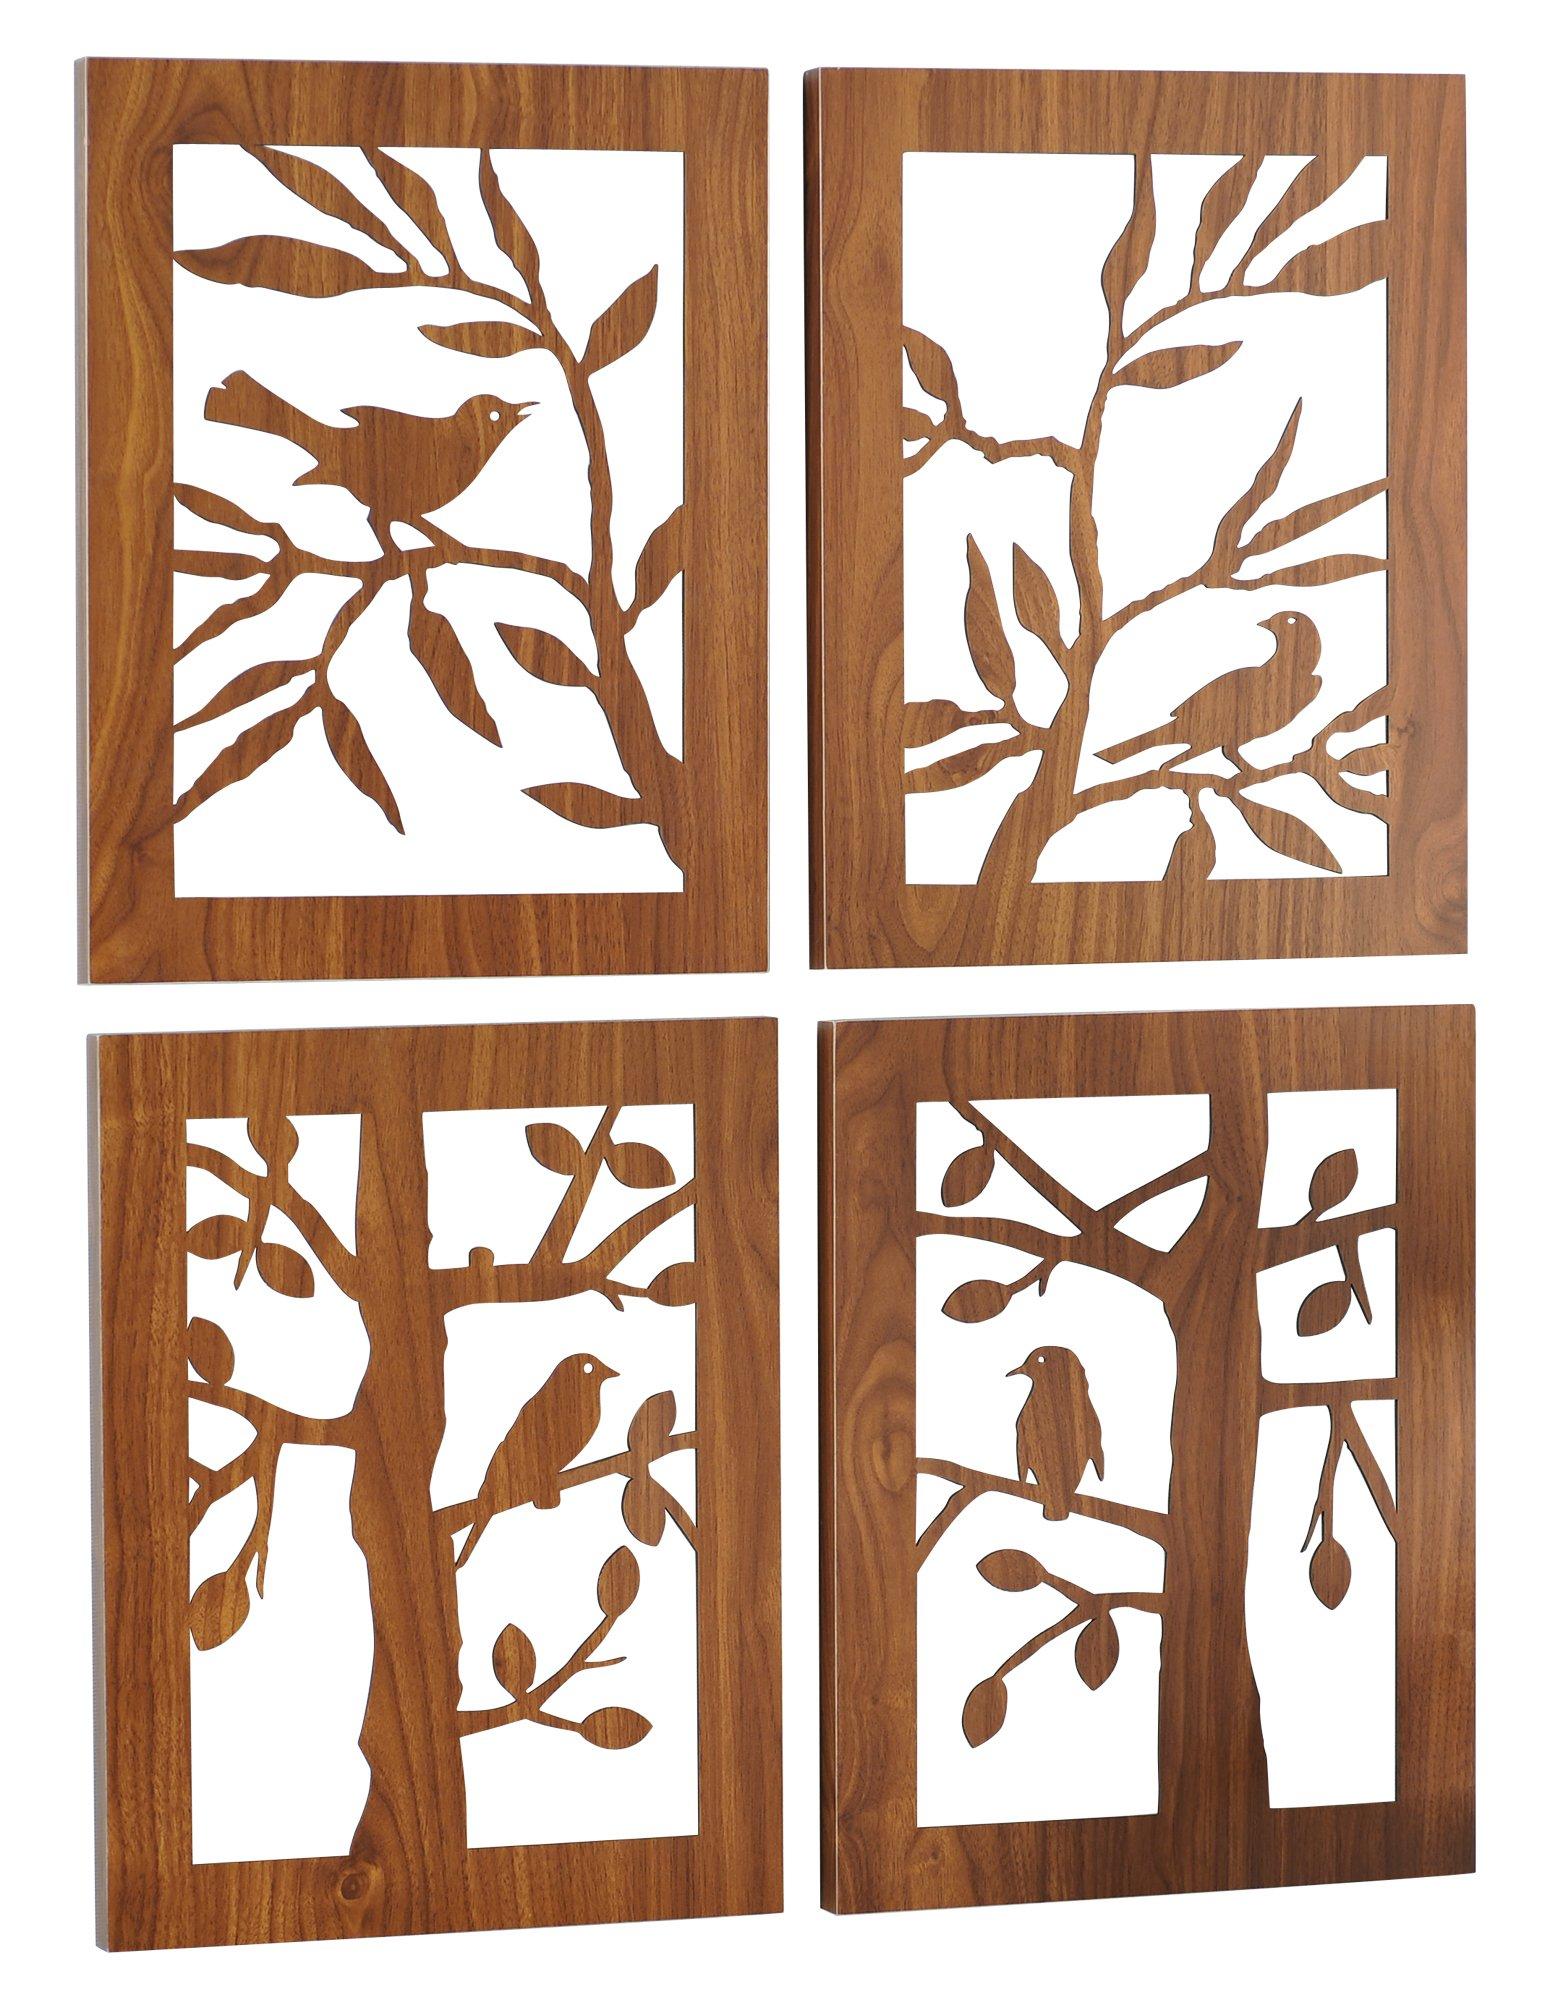 Grasslands Road Laser Cut Wood Plaques Assortment, 16-Inch, Set of 4